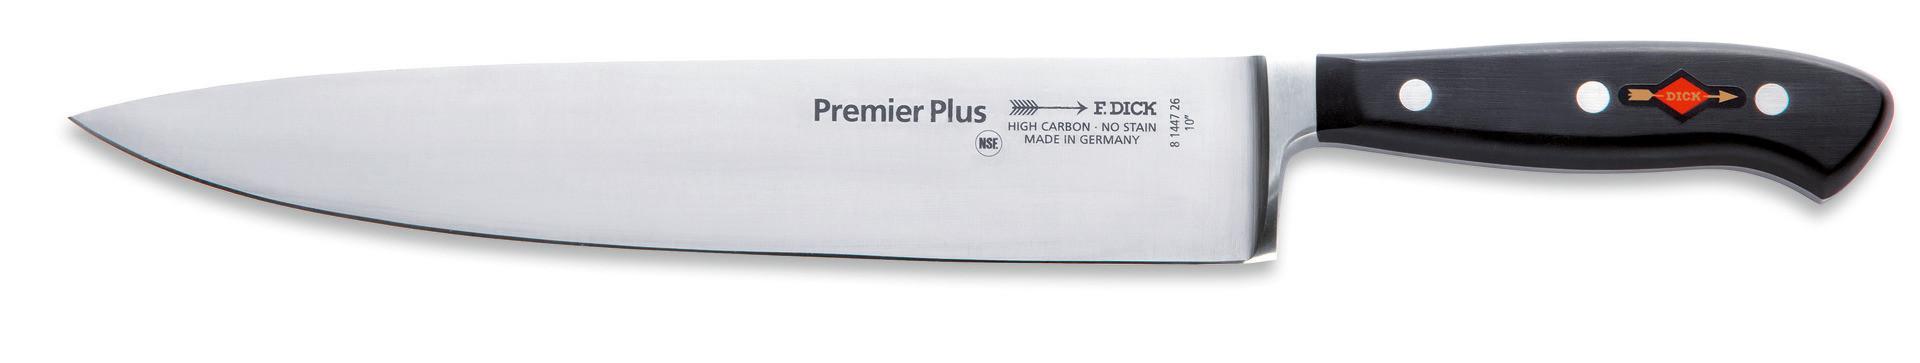 Premier Plus, Kochmesser Klingenlänge 260 mm